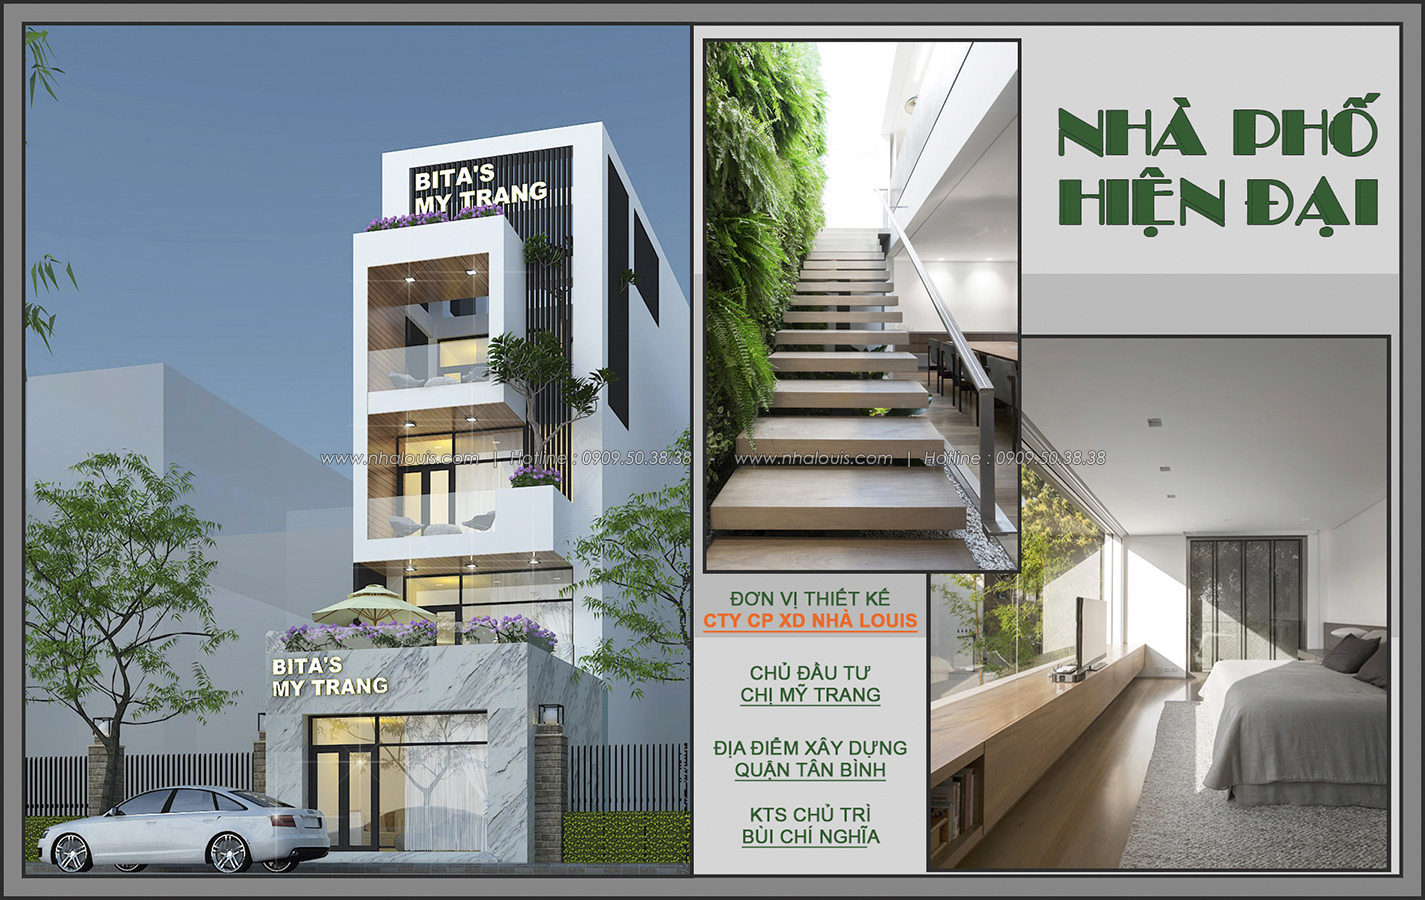 Thiết kế nhà phố mặt tiền 5m kết hợp kinh doanh tiện lợi tại Tân Bình - 01